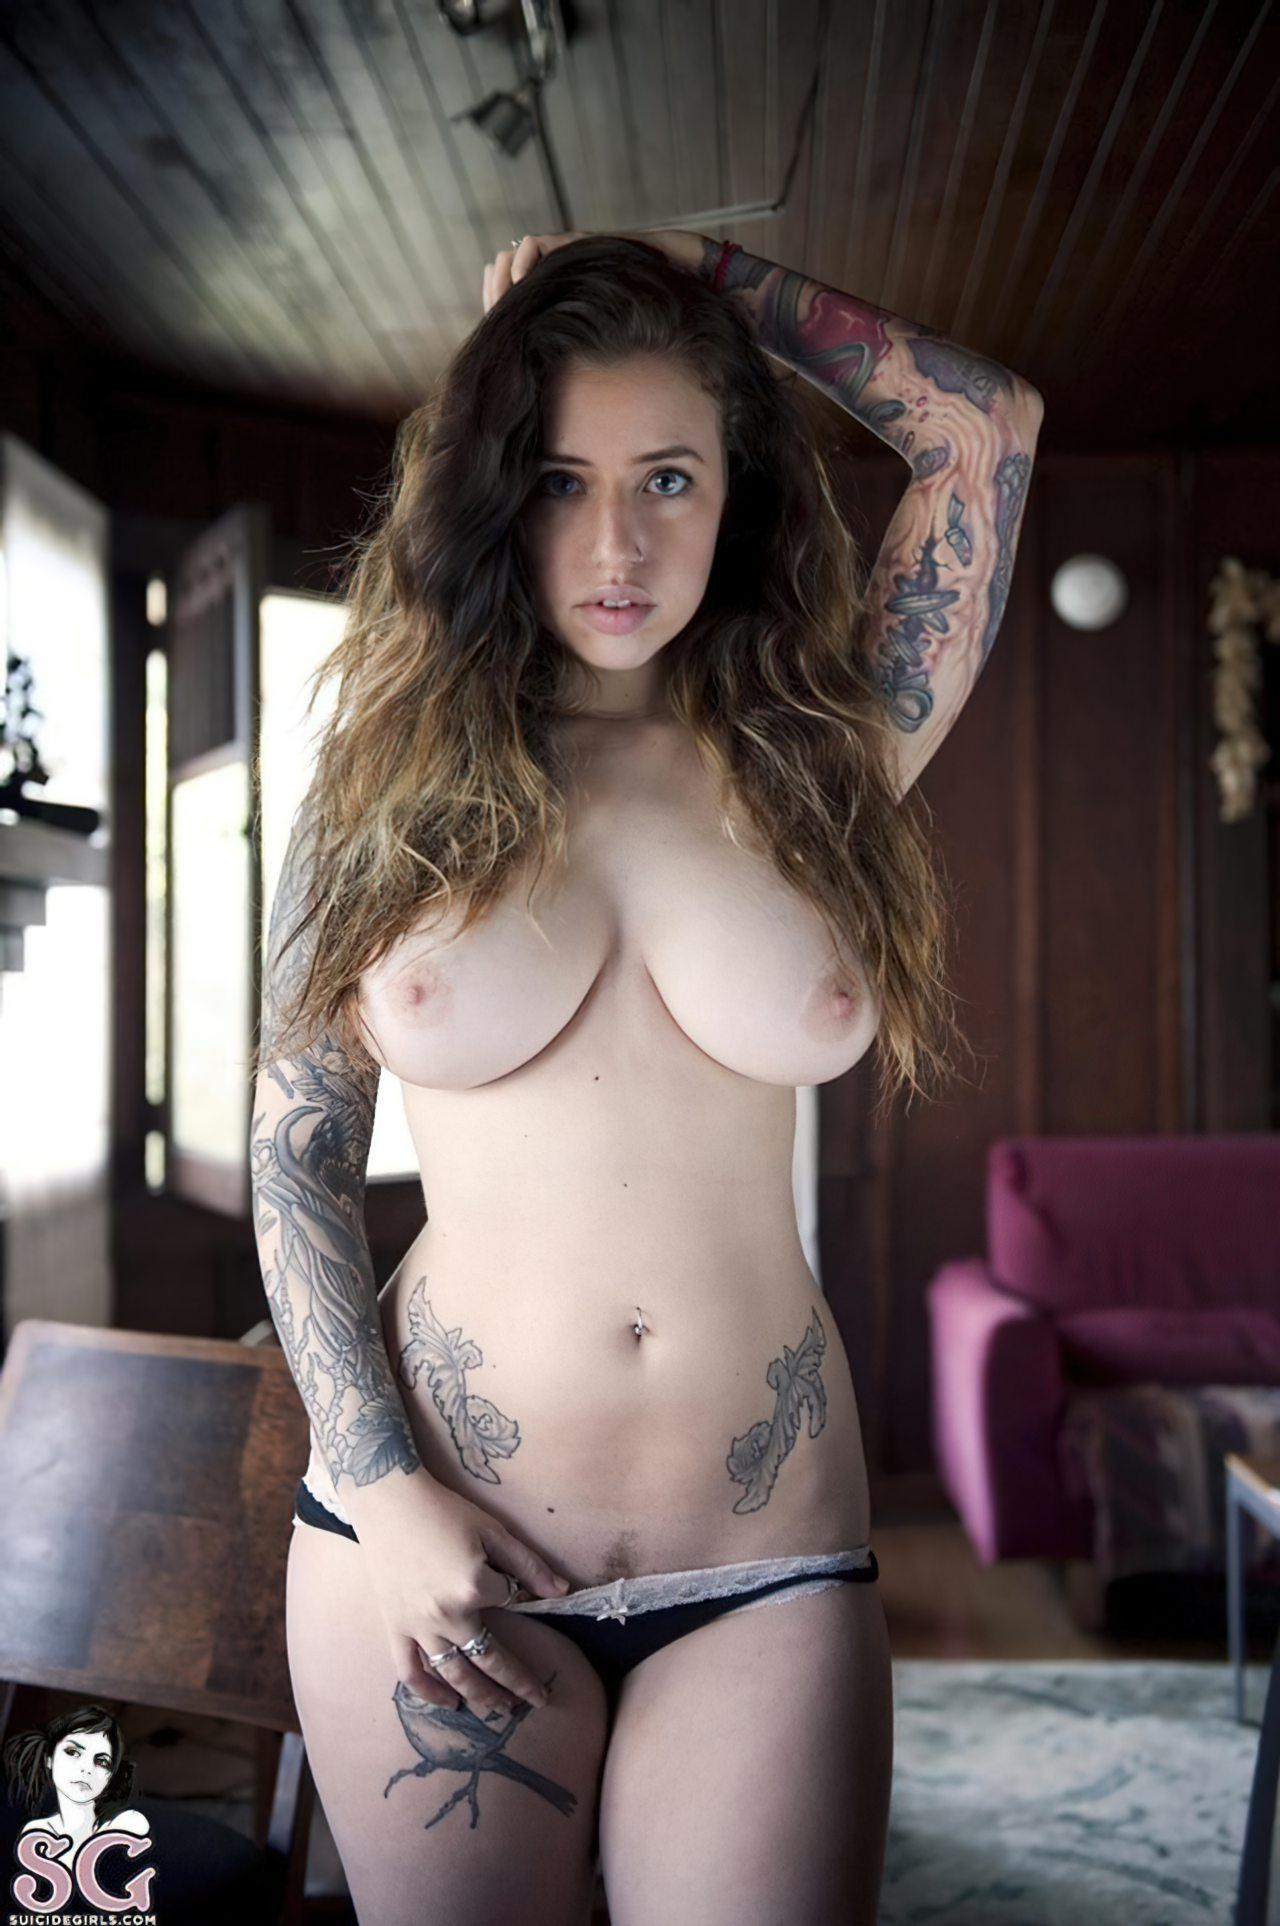 Imagens de Mulheres (41)